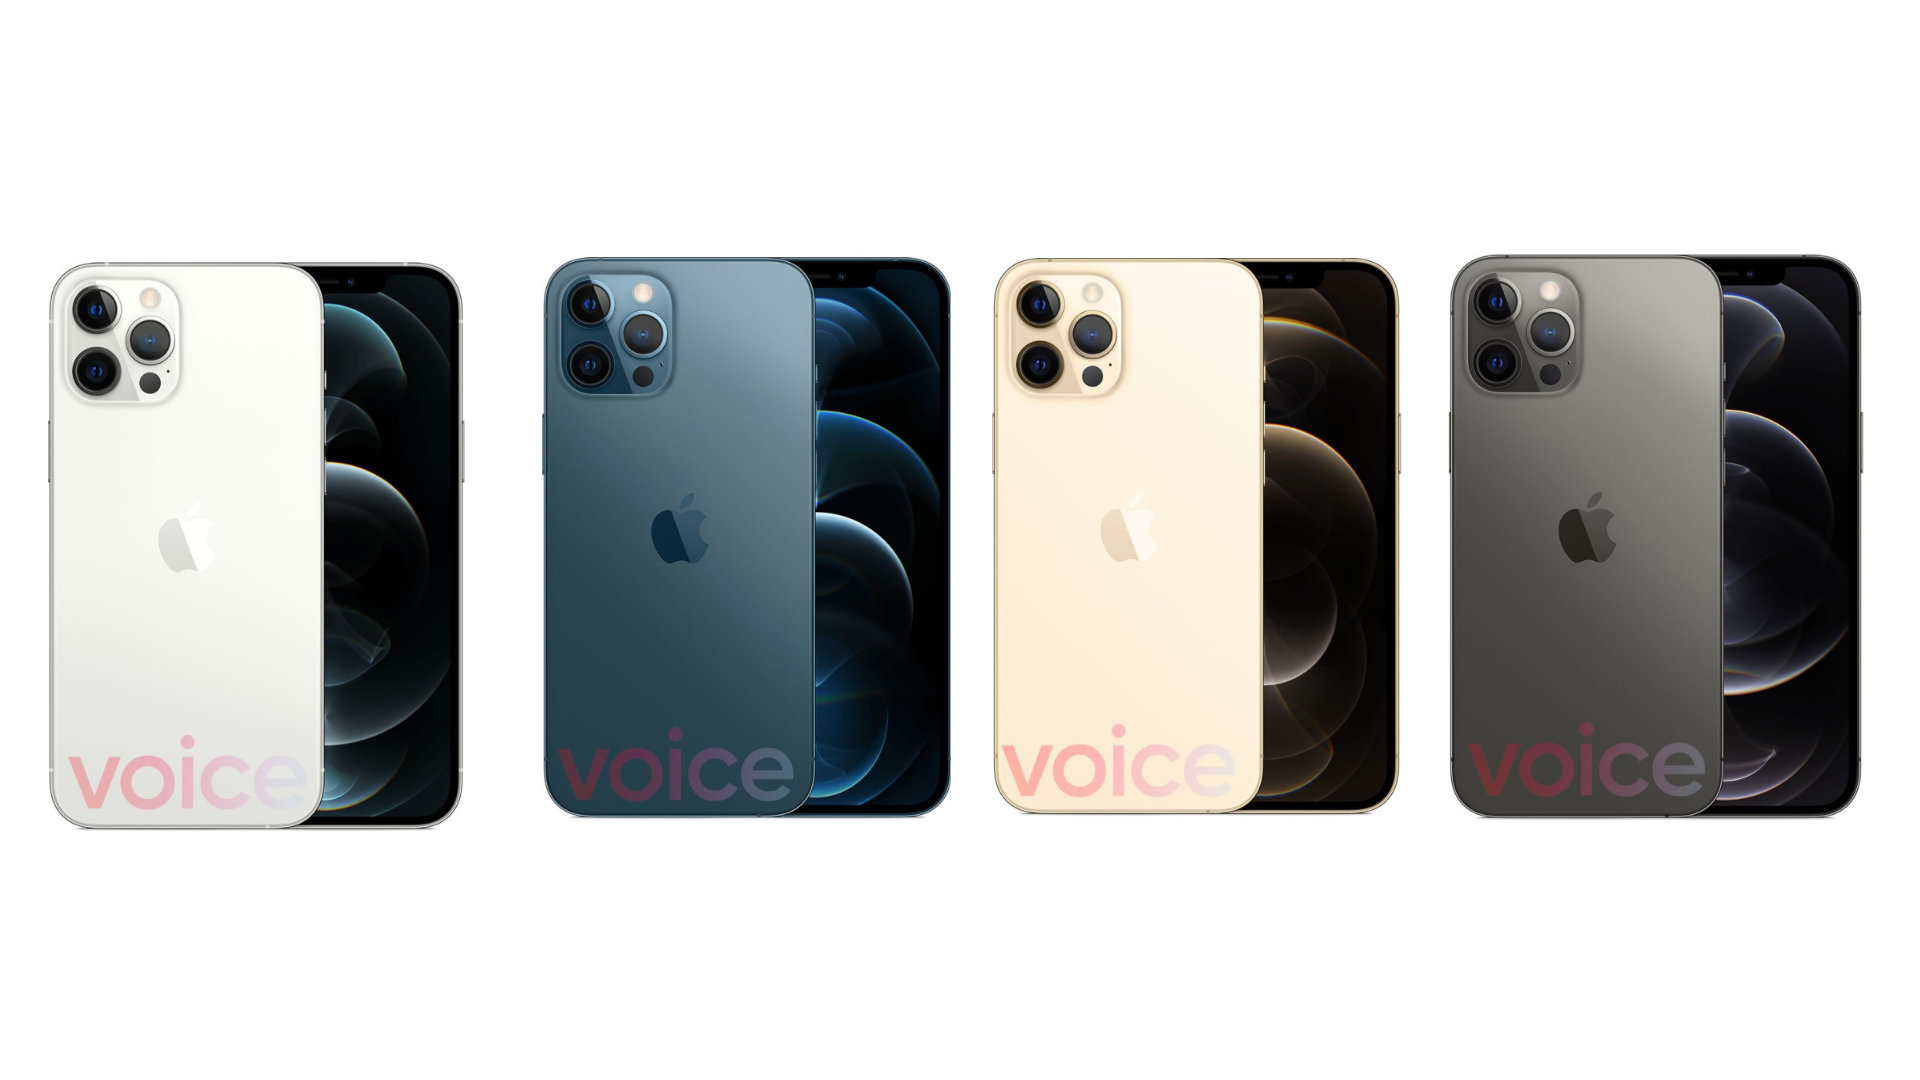 Iphone 12 Et Homepod Mini Les Visuels Des Produits Fuitent Avant L Heure